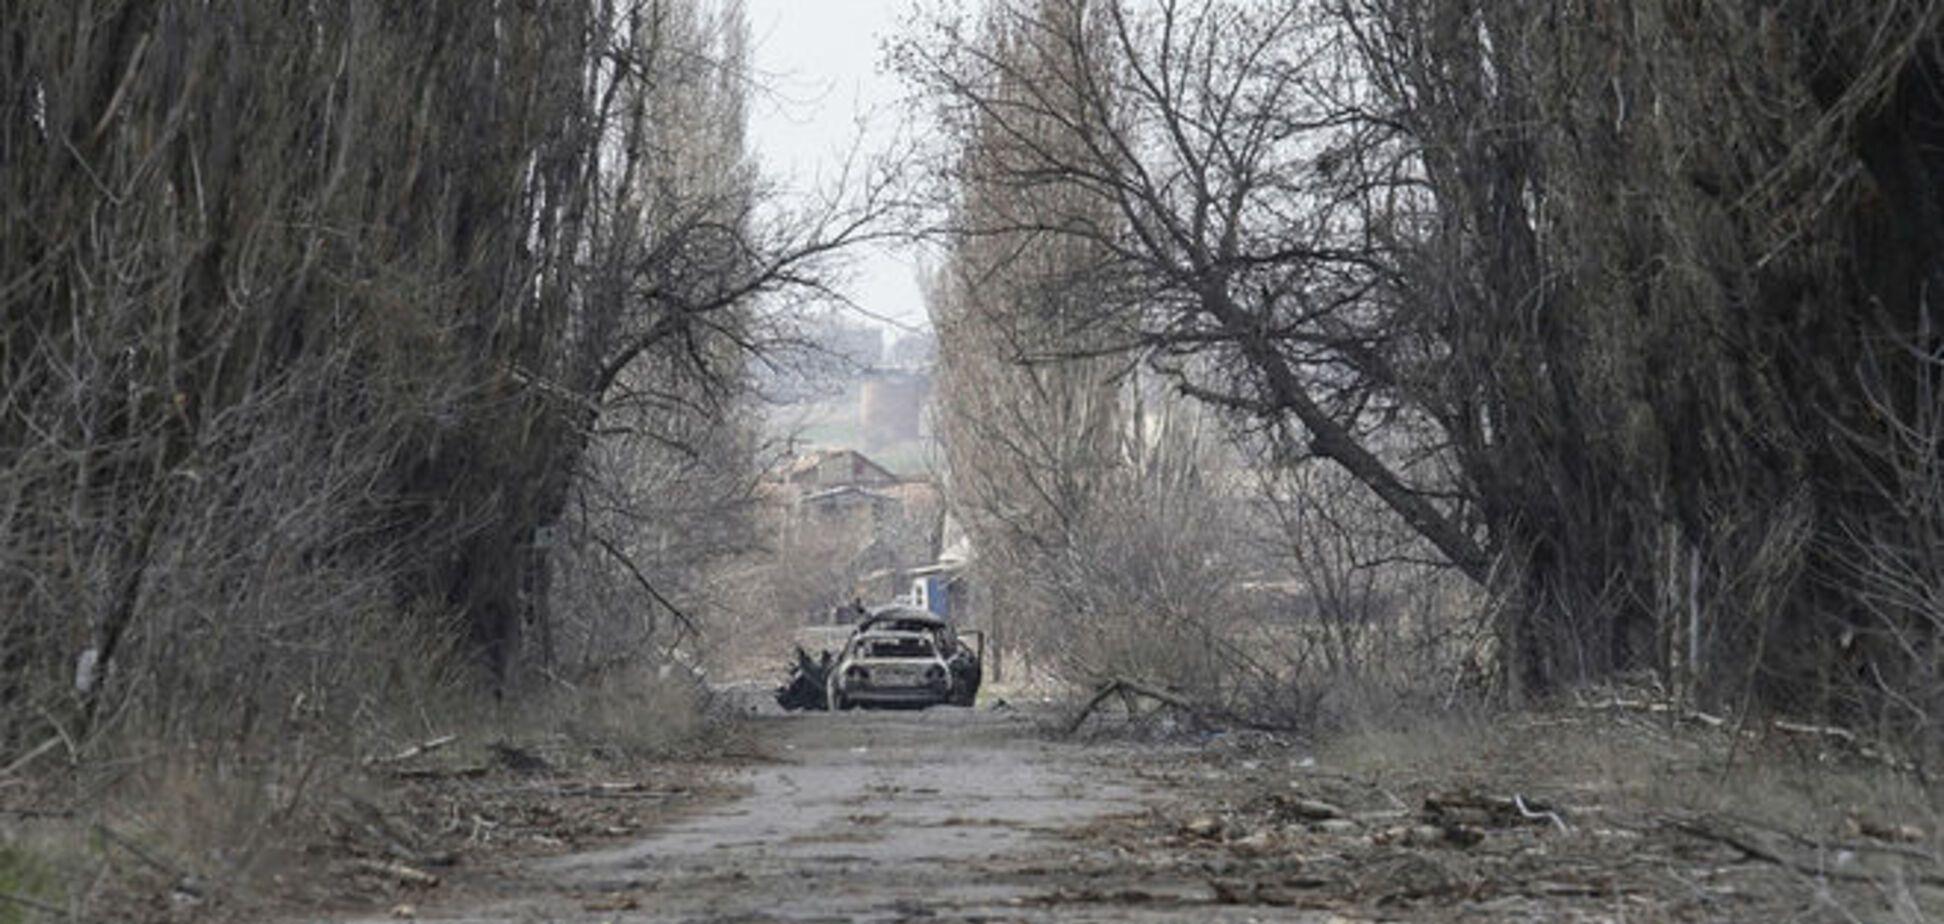 Артиллерия боевиков атаковала бойцов АТО в Песках: есть раненые